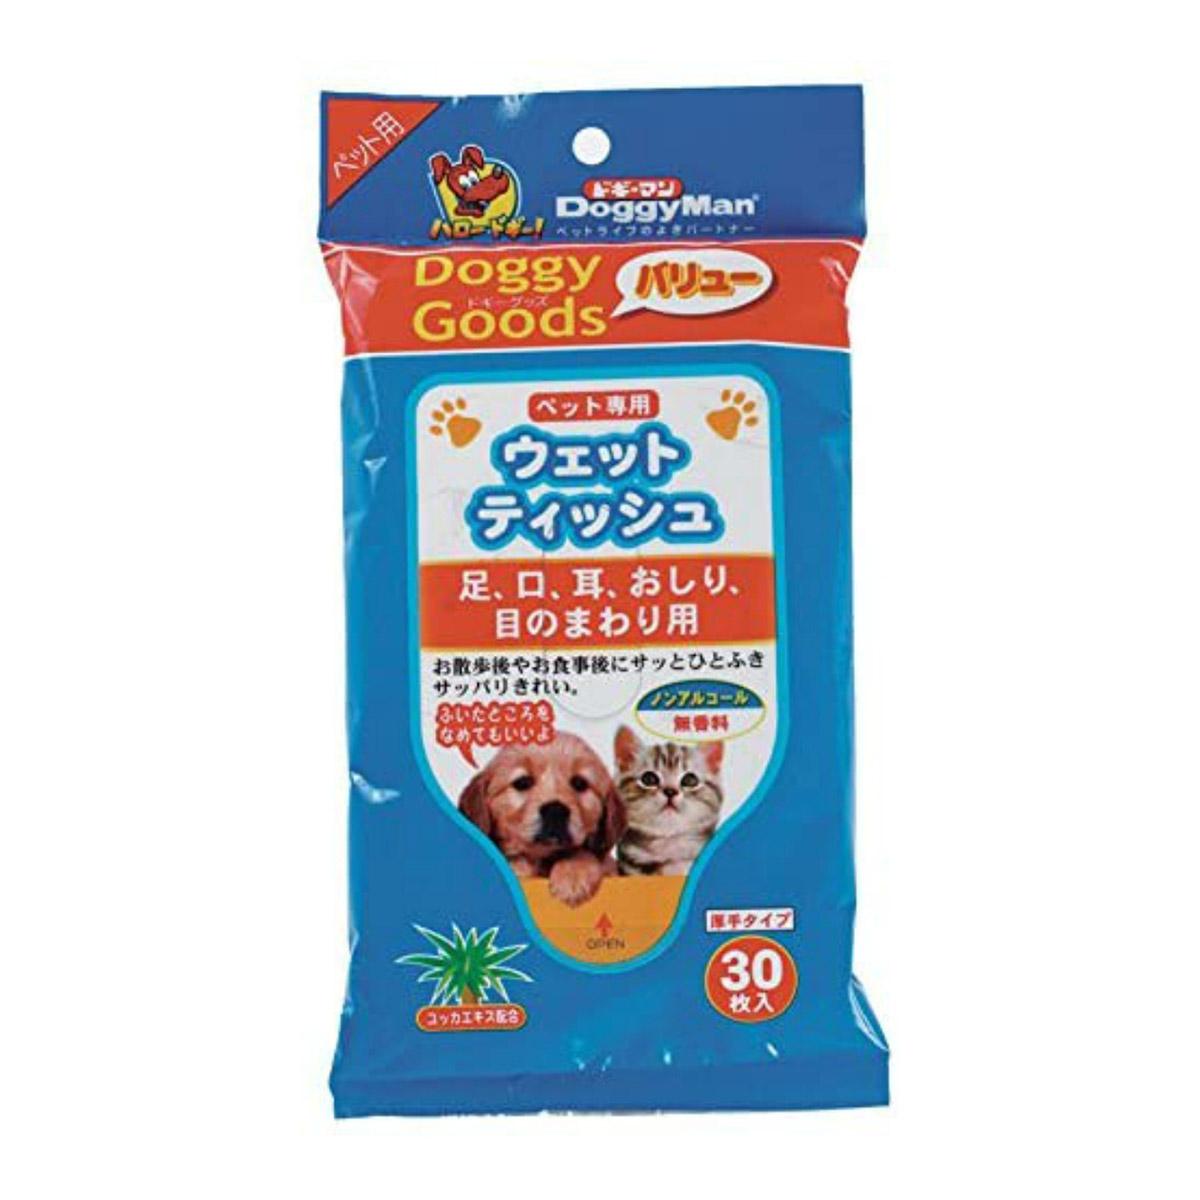 ドギーグッズバリュー ペット専用ウェットティッシュ 賜物 犬 猫用 ノンアルコール 無香料 なめても安心 厚手タイプ 4976555942088 30枚入 ウェットティッシュ 高級な ドギーマン ペット専用